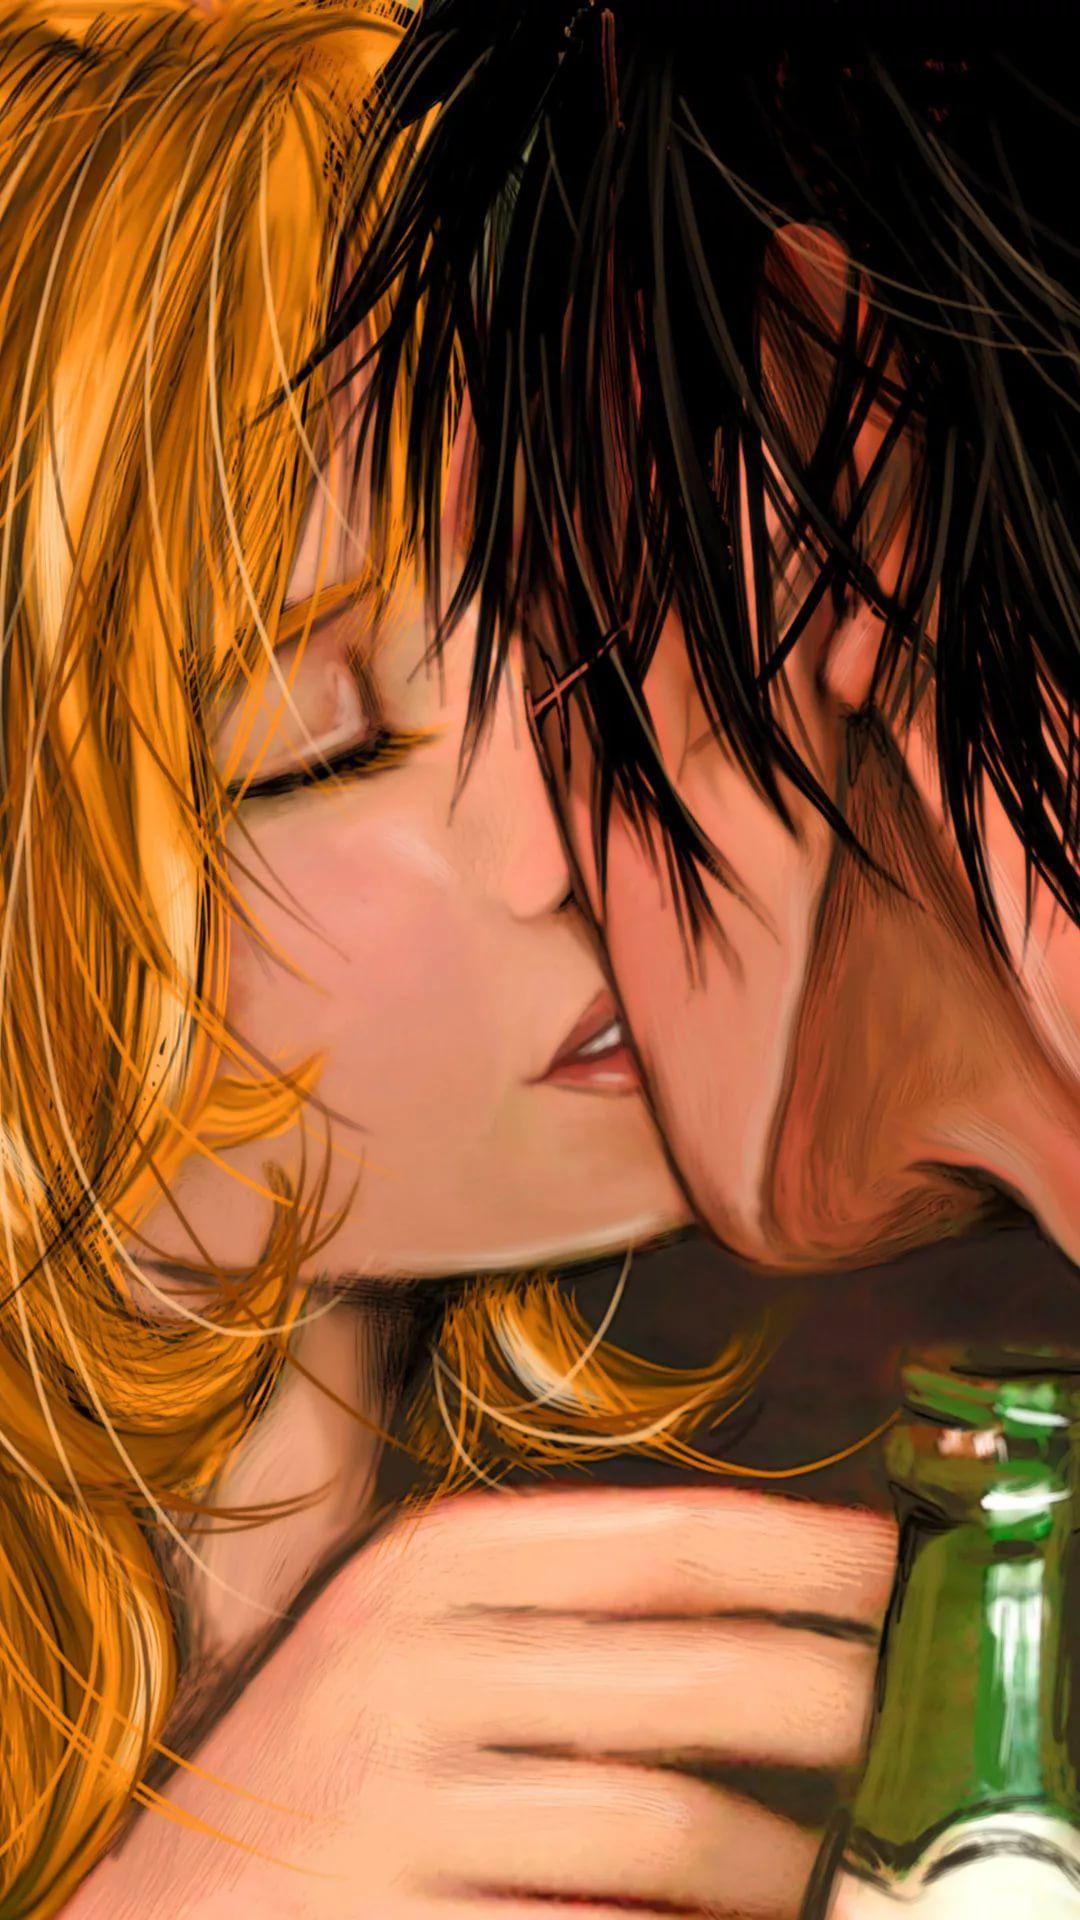 I Kiss U iPhone 6 wallpaper